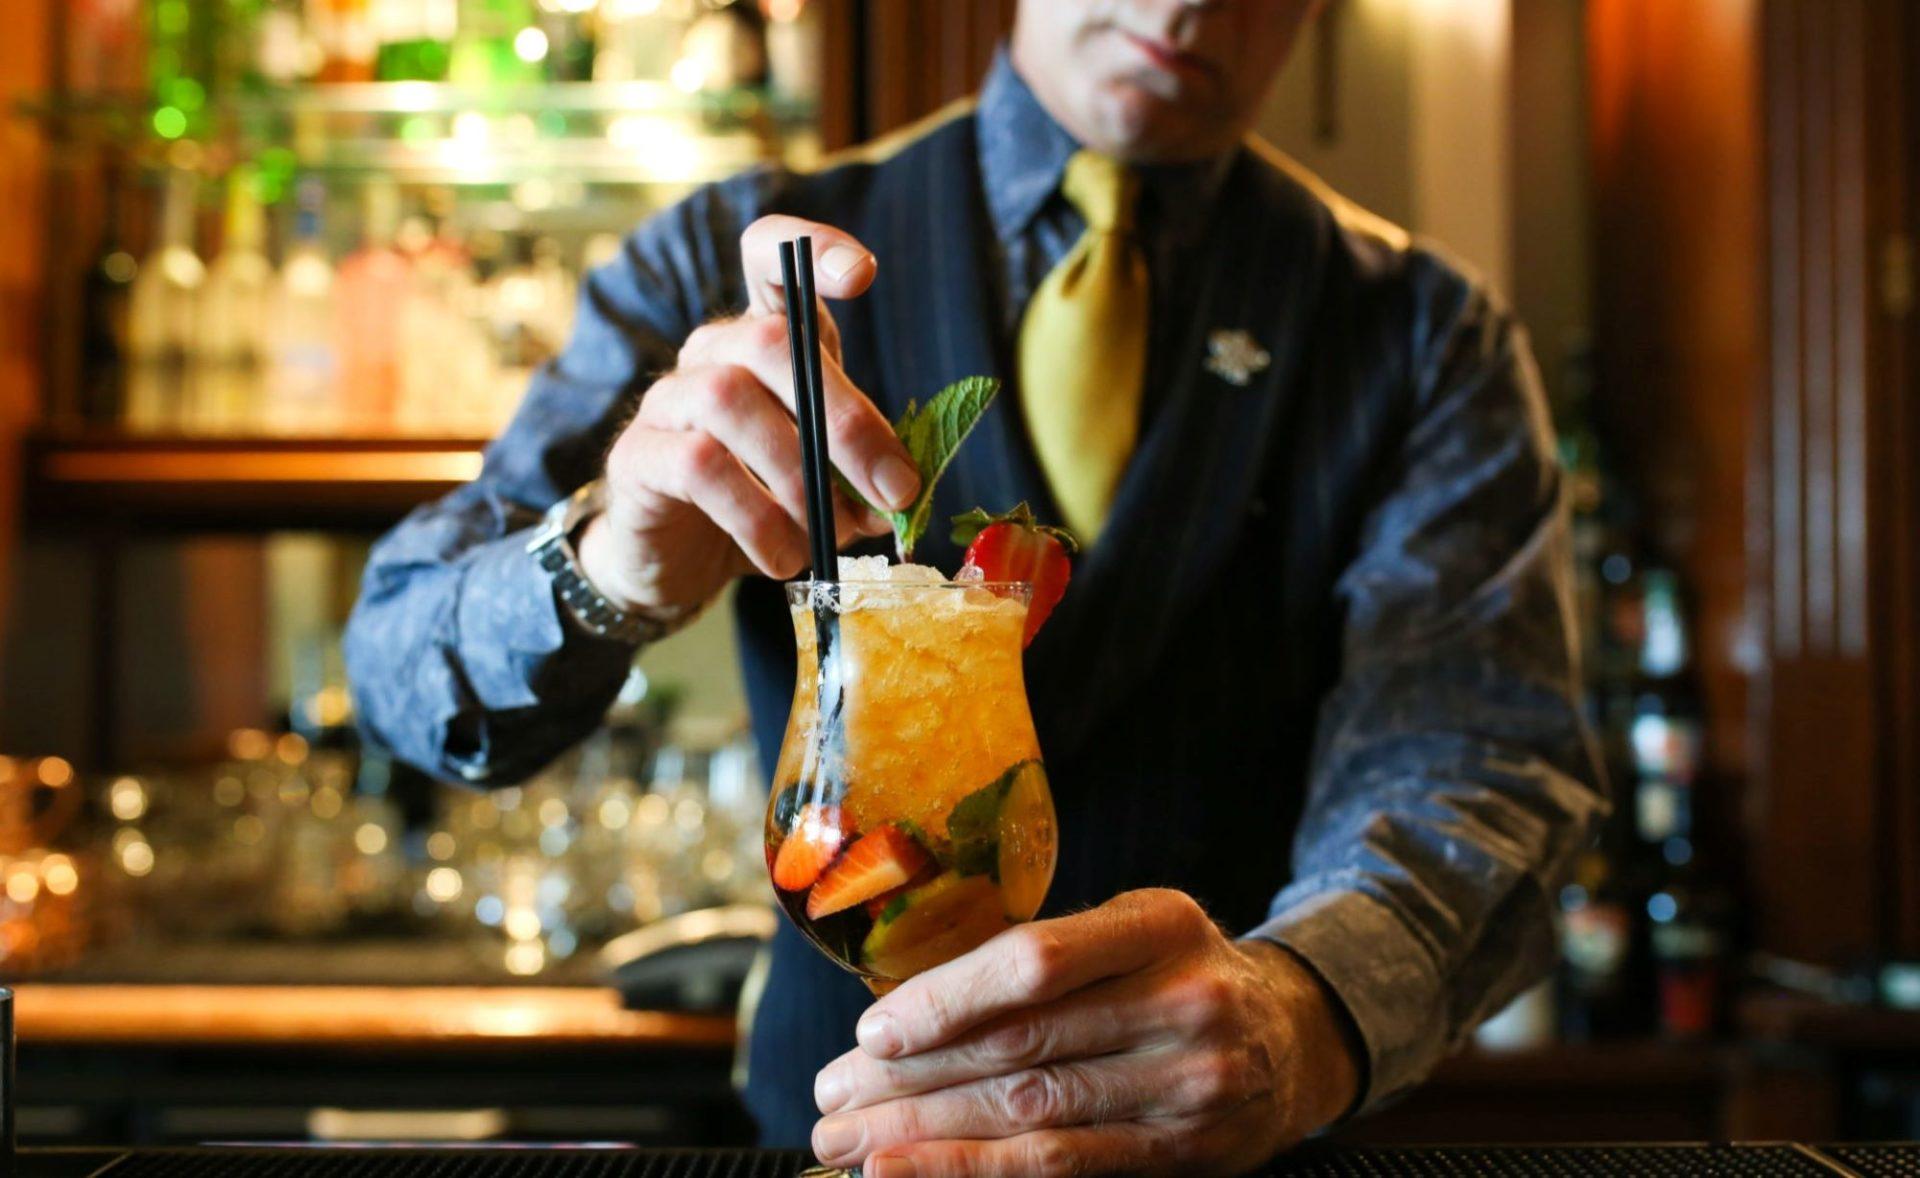 Grand Hotel Waiter